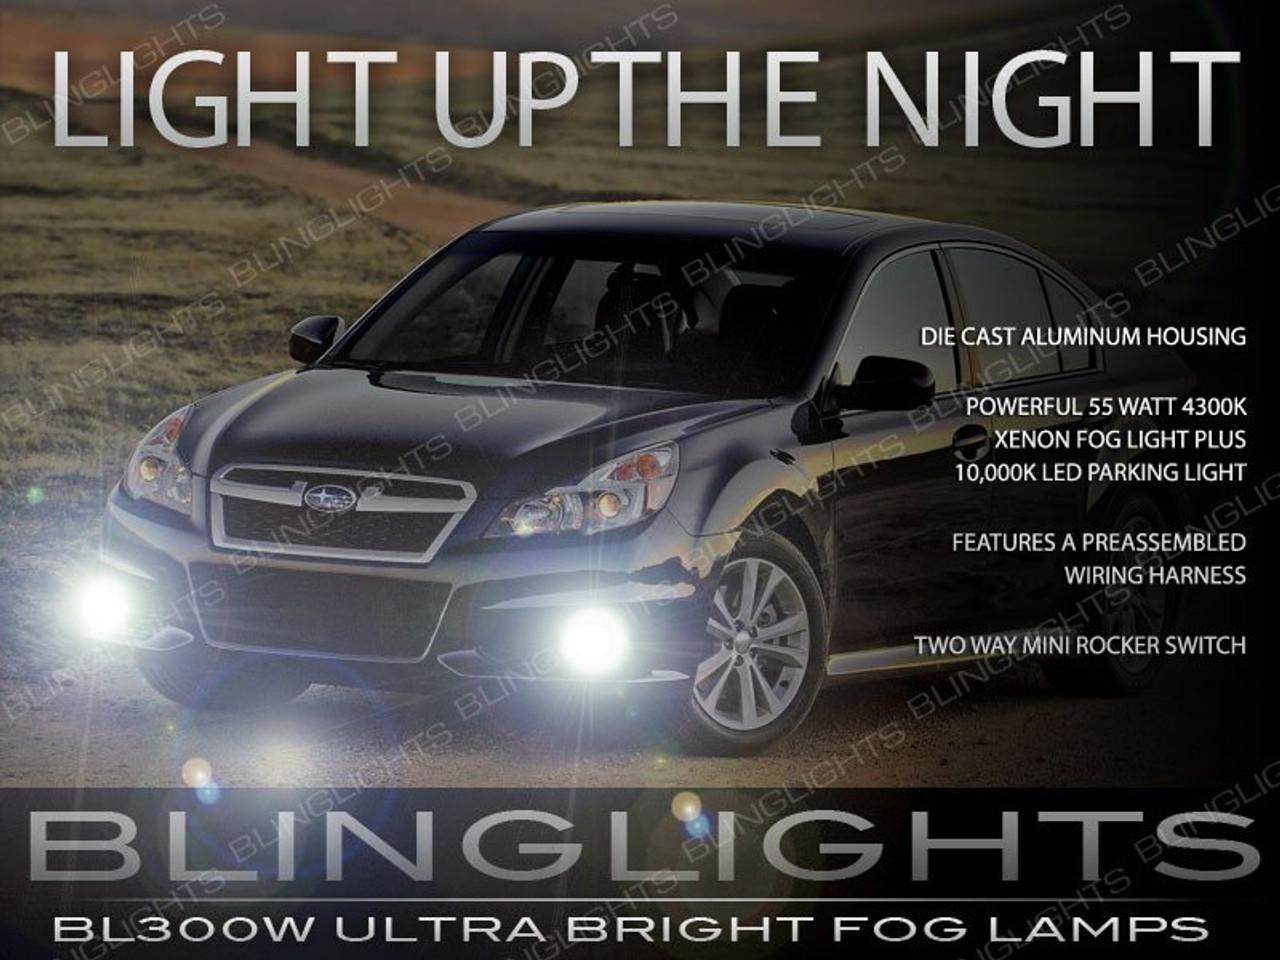 subaru outback fog light wiring 2013 2014 subaru legacy xenon driving lights fog lamps kit  xenon driving lights fog lamps kit